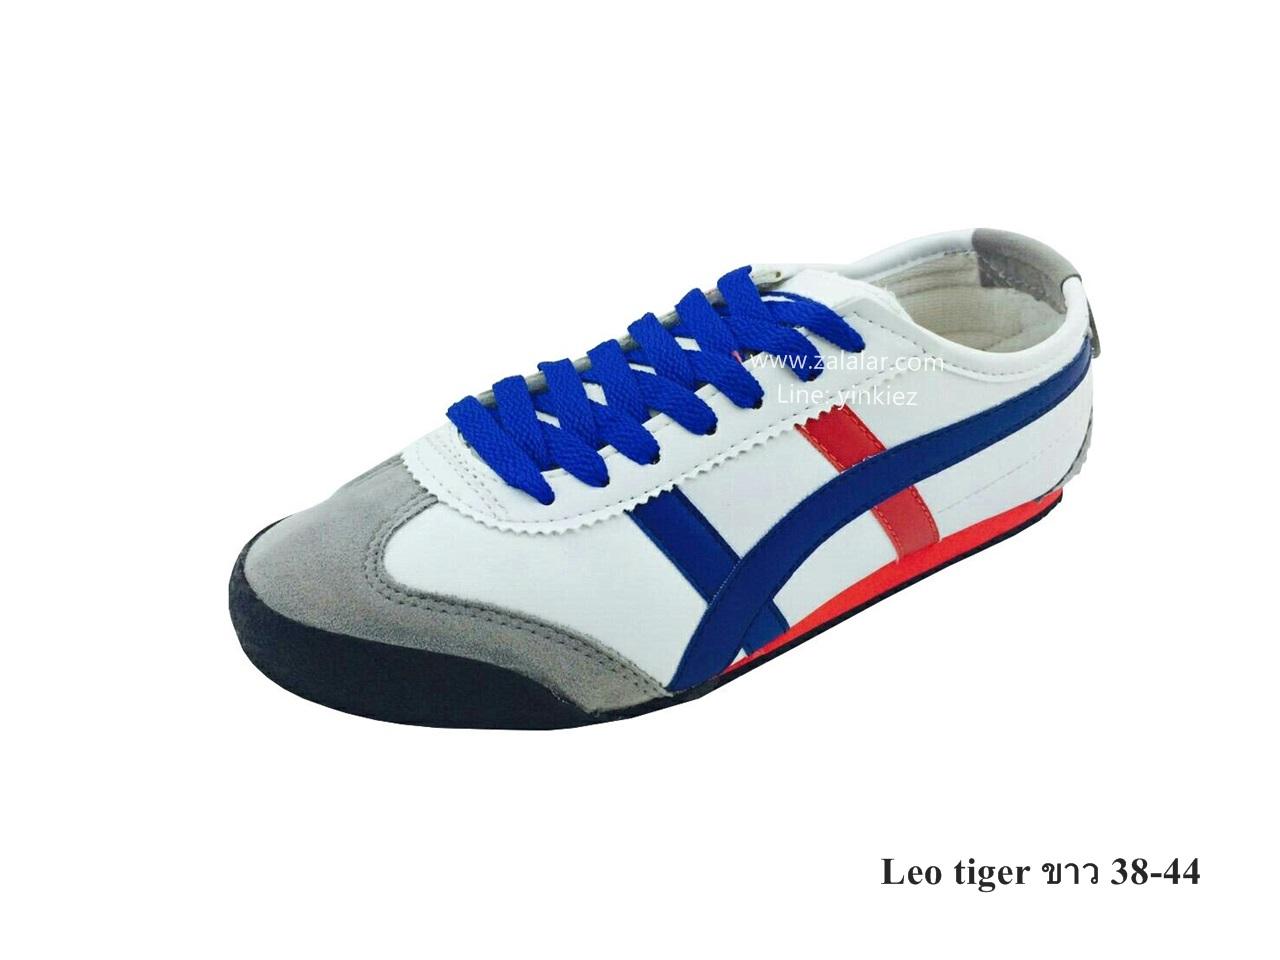 [พร้อมส่ง] รองเท้าผ้าใบแฟชั่น รุ่น Leo tiger สีขาว แบบหนัง